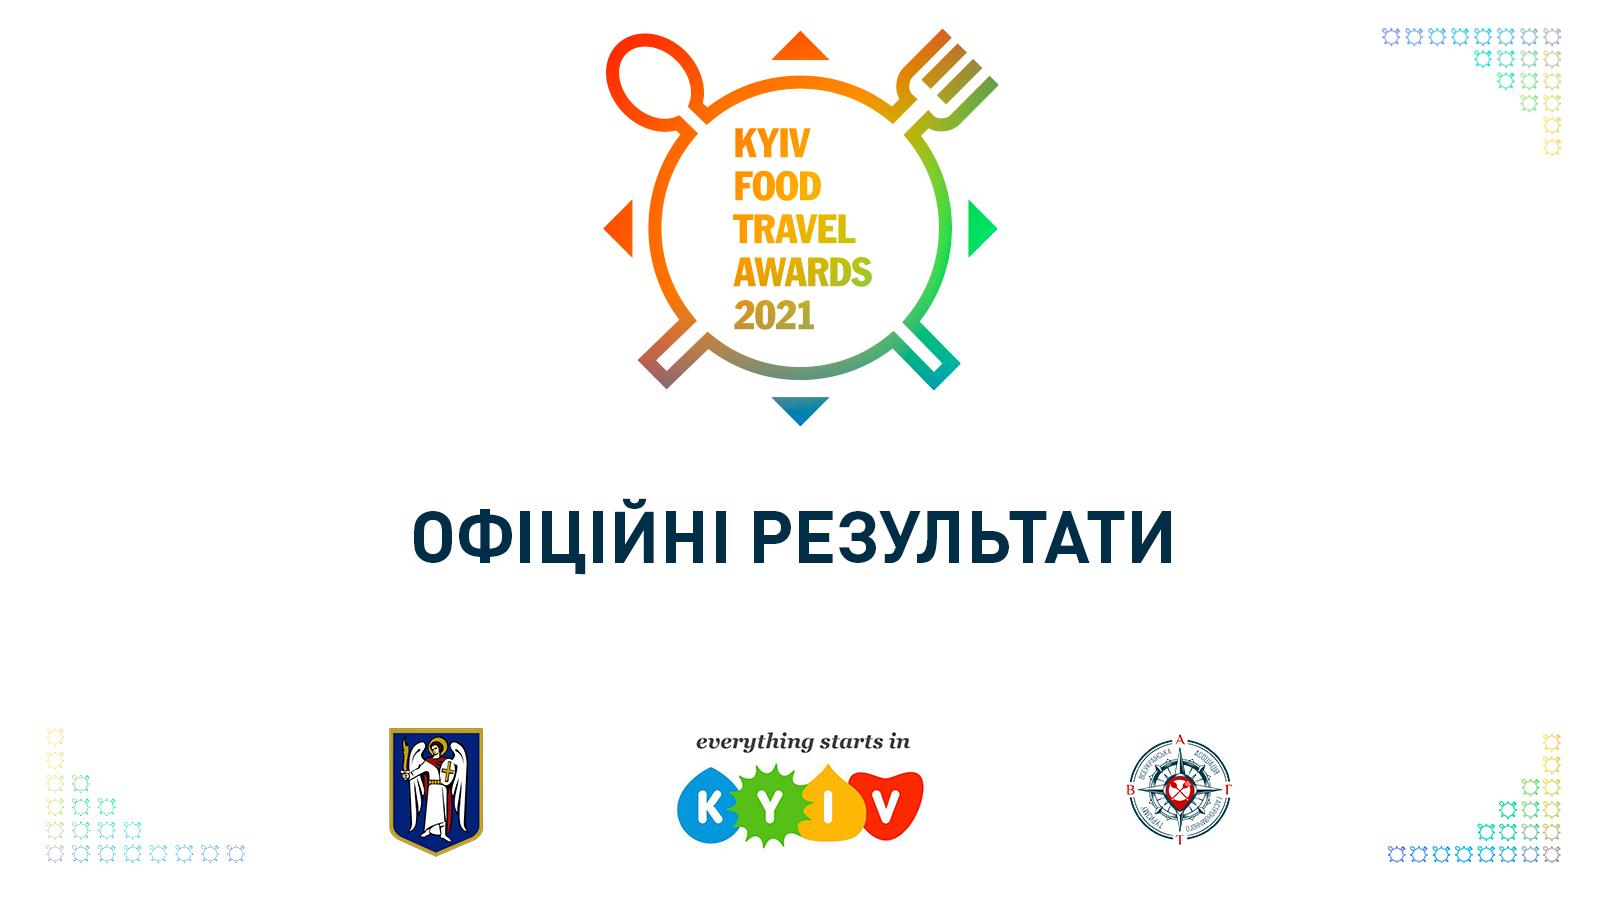 Офіційні результати «Kyiv Food Travel Awards-2021»